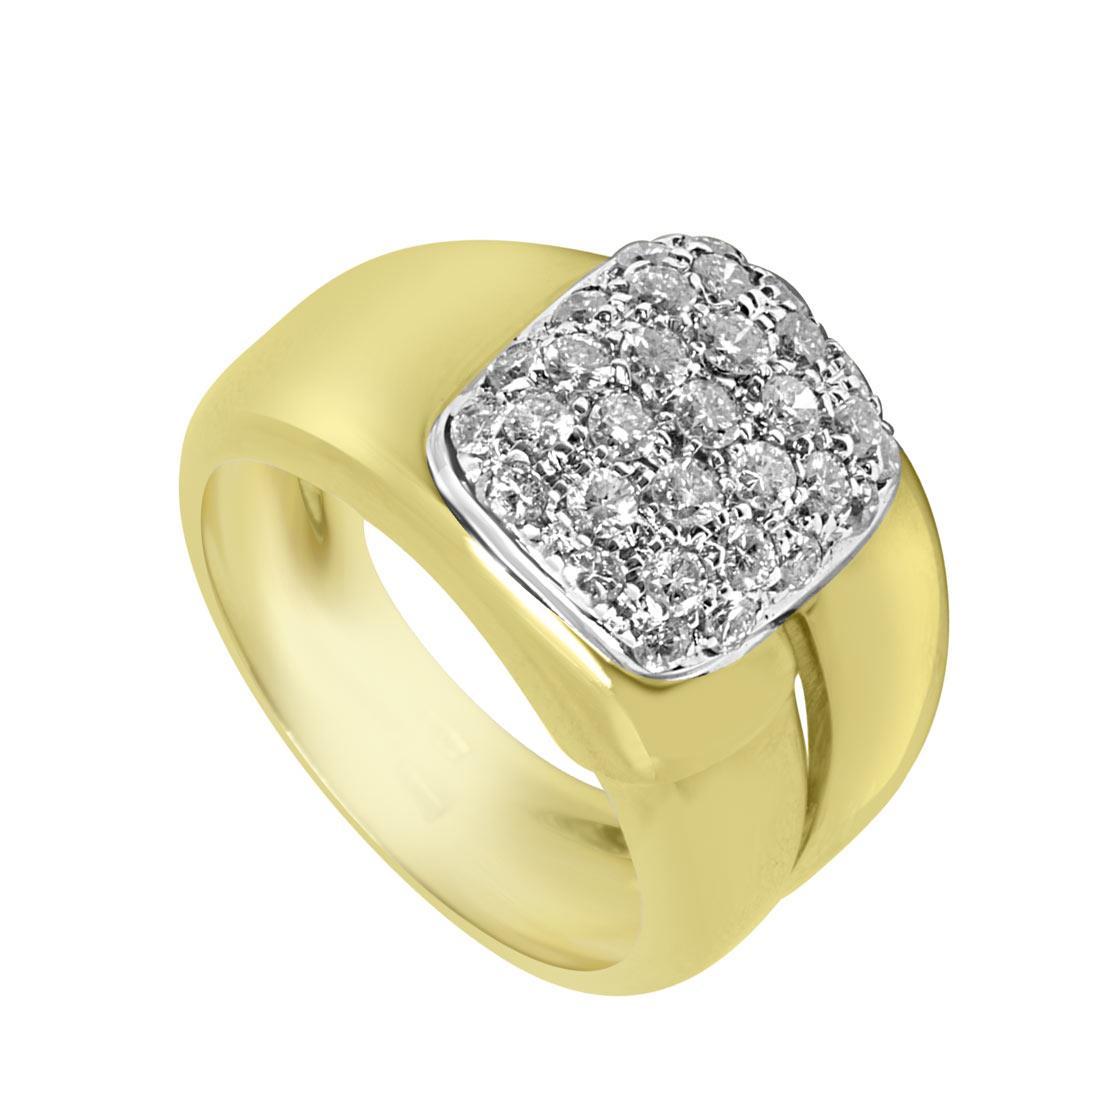 Anello Oro & Co in oro bianco e giallo con diamanti ct 1,55 colore G e purezza SI misura 15 - ORO&CO